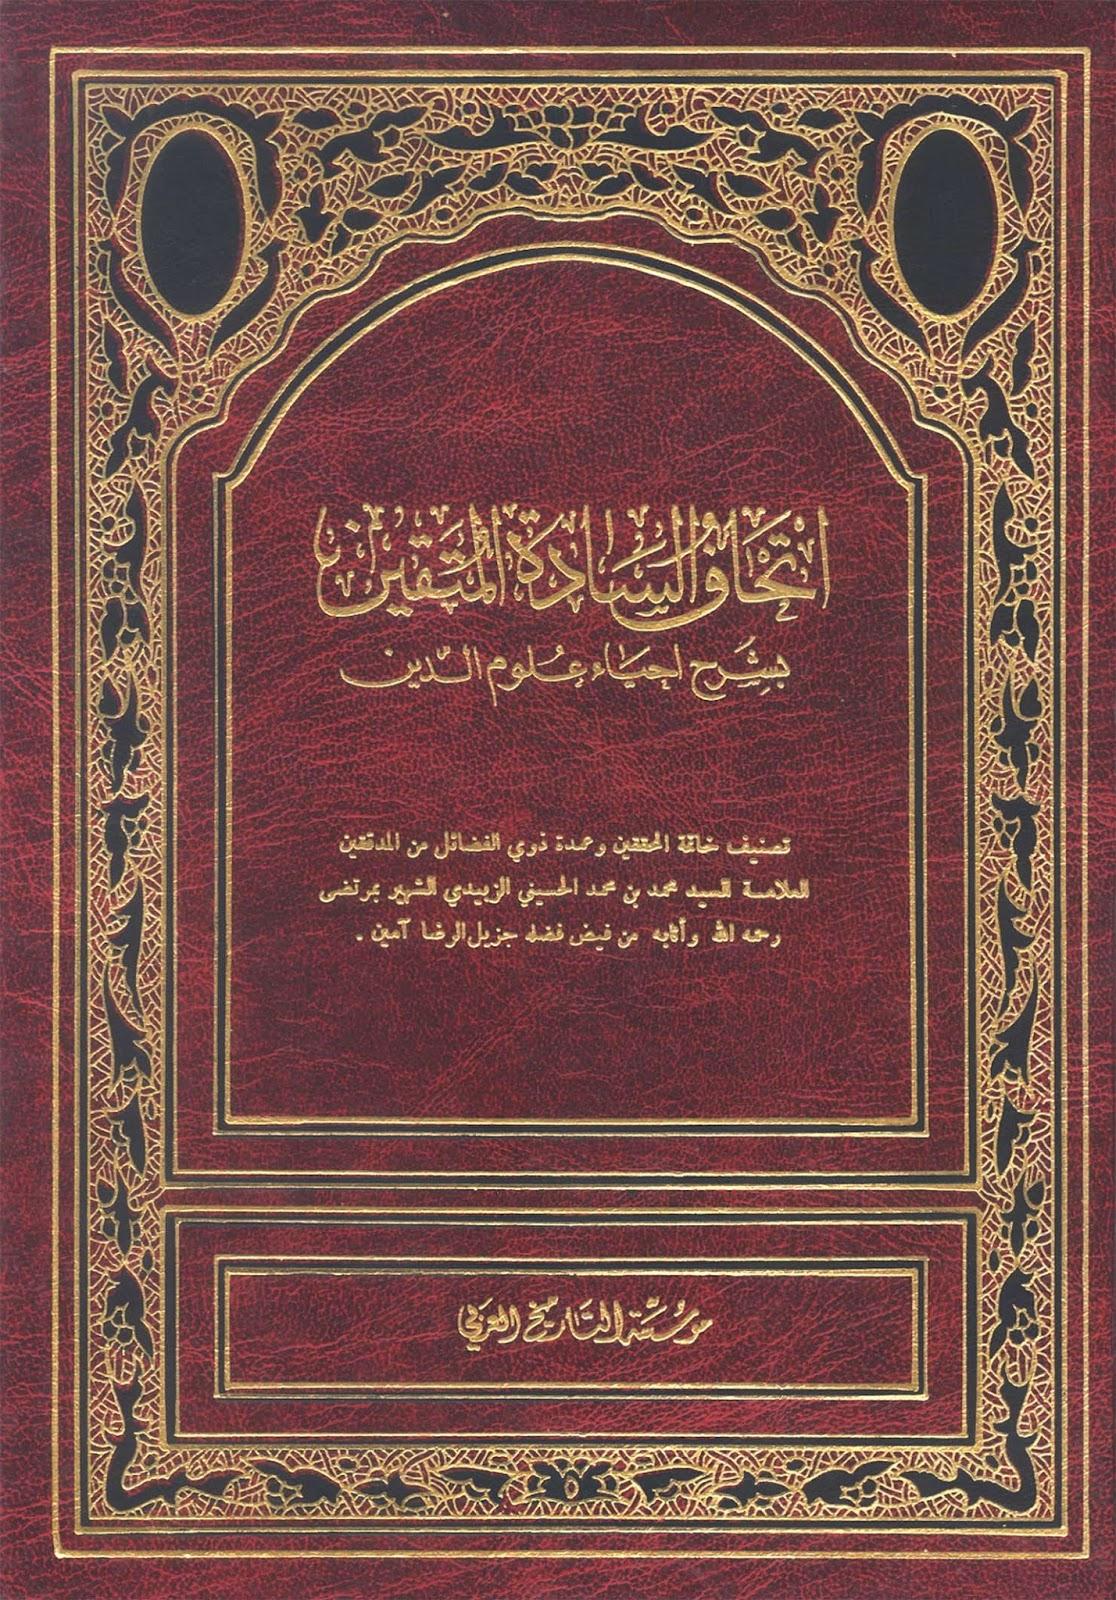 اتحاف السادة المتقين بشرح احياء علوم الدين للإمام مرتضى الزبيدي